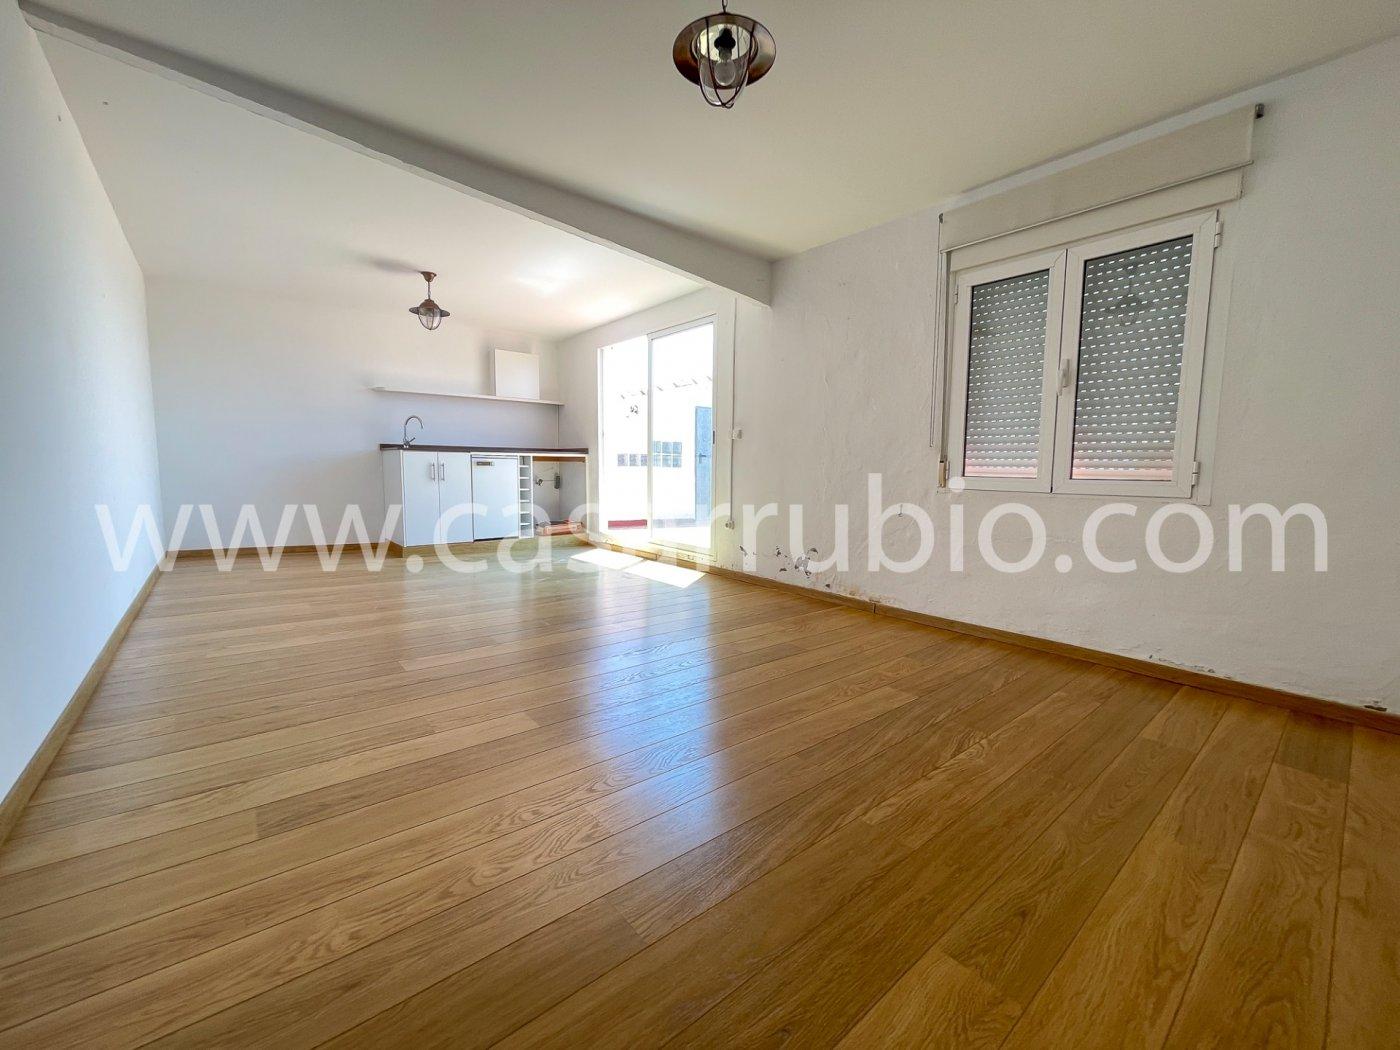 Estupenda casa reformada y con terraza en onil !! - imagenInmueble20